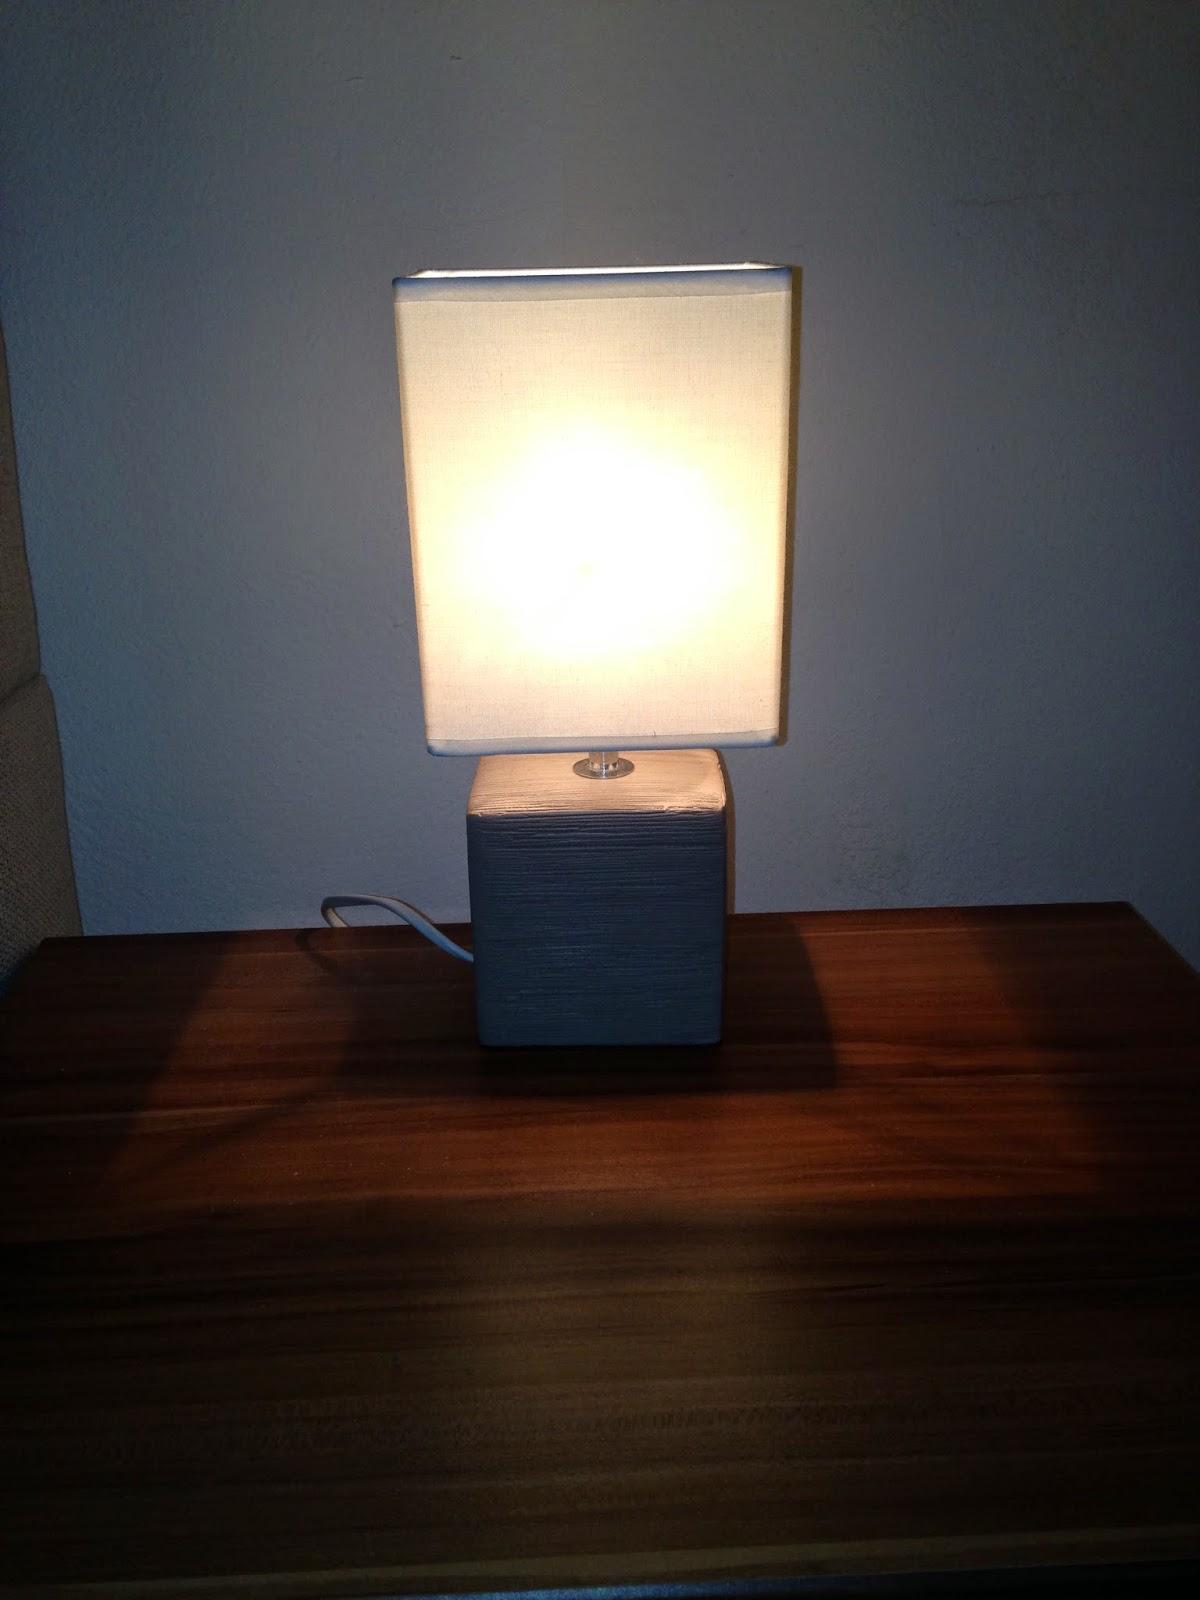 produktbotschafterin lounge licht erlebnisse licht neu erleben lampen leuchten im test. Black Bedroom Furniture Sets. Home Design Ideas